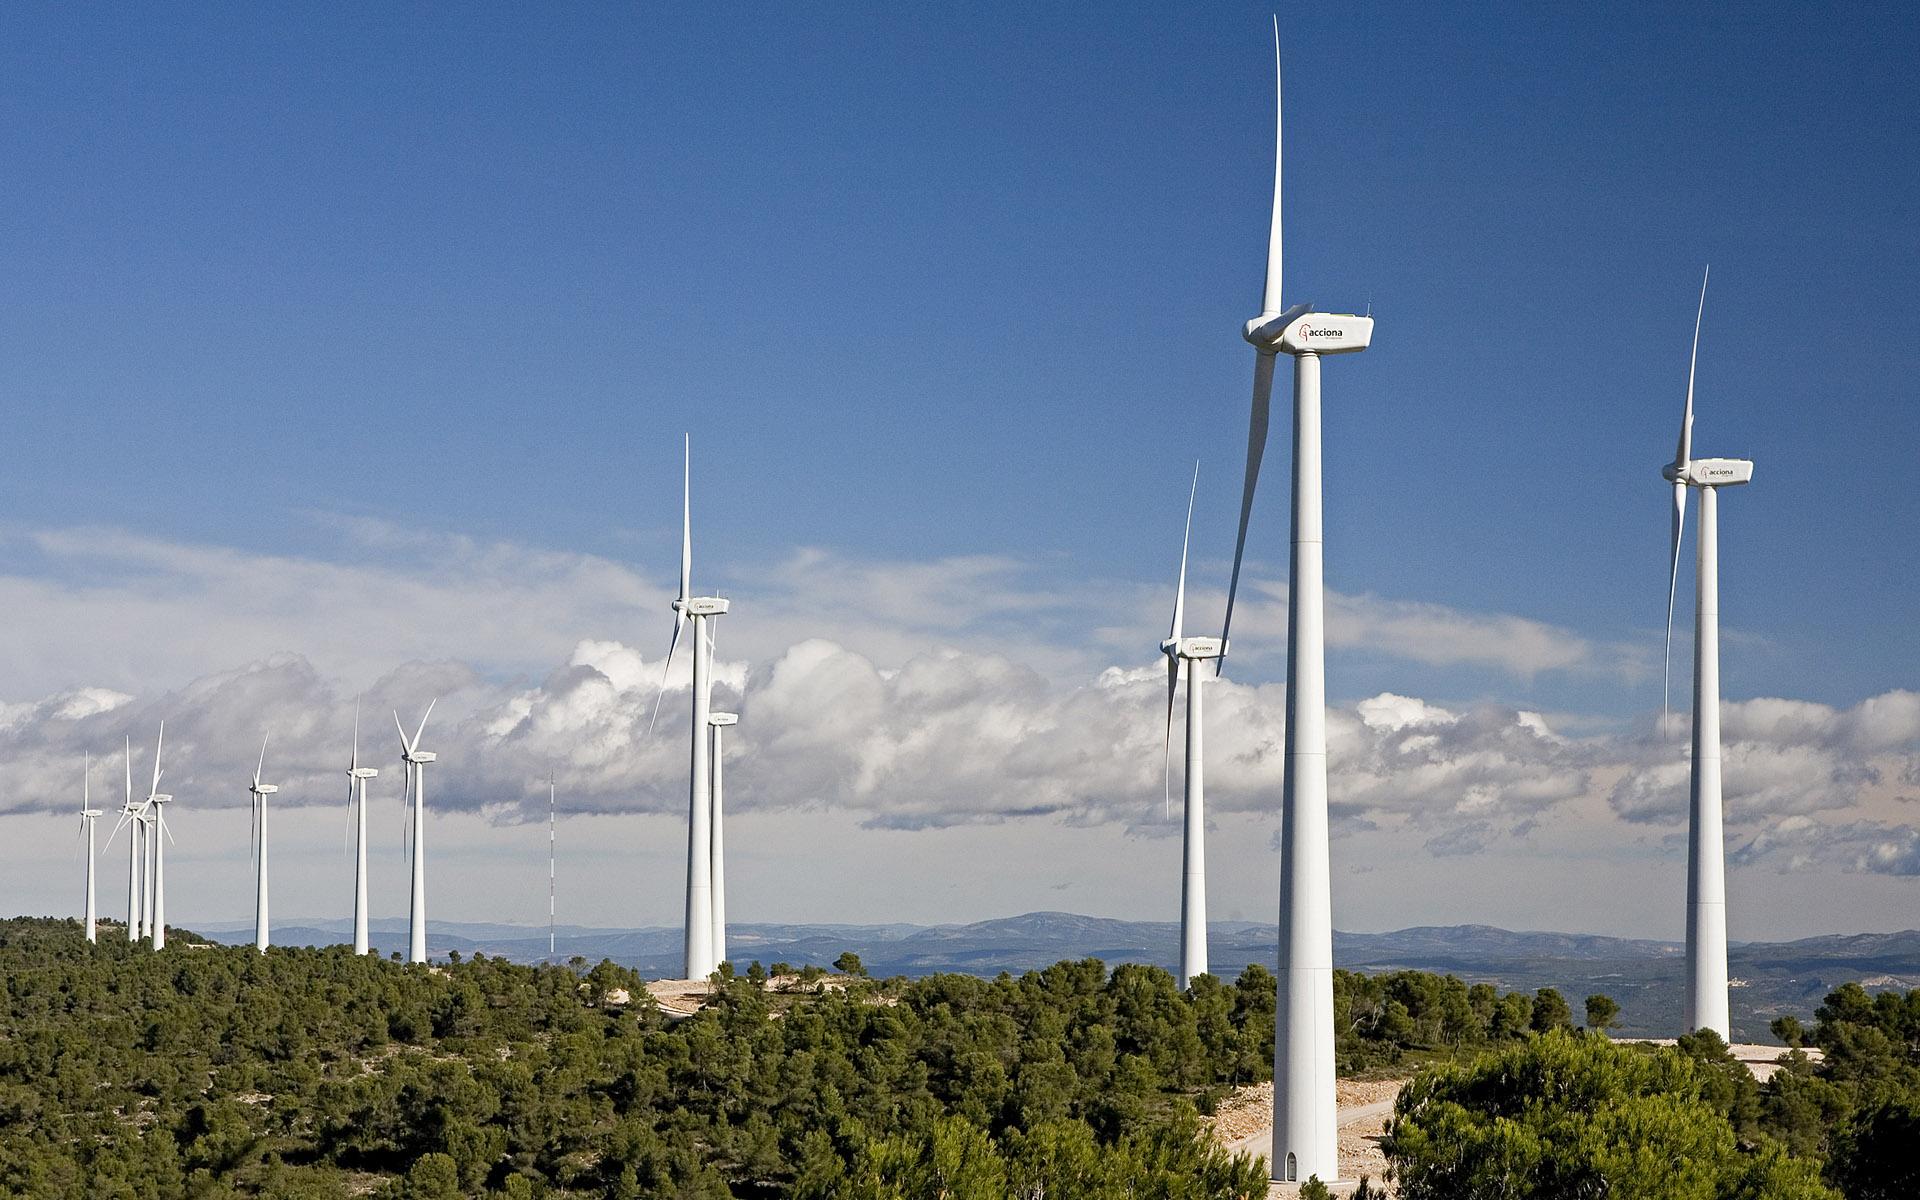 انرژی باد-الگوی مصرف-درست مصرف کنیم